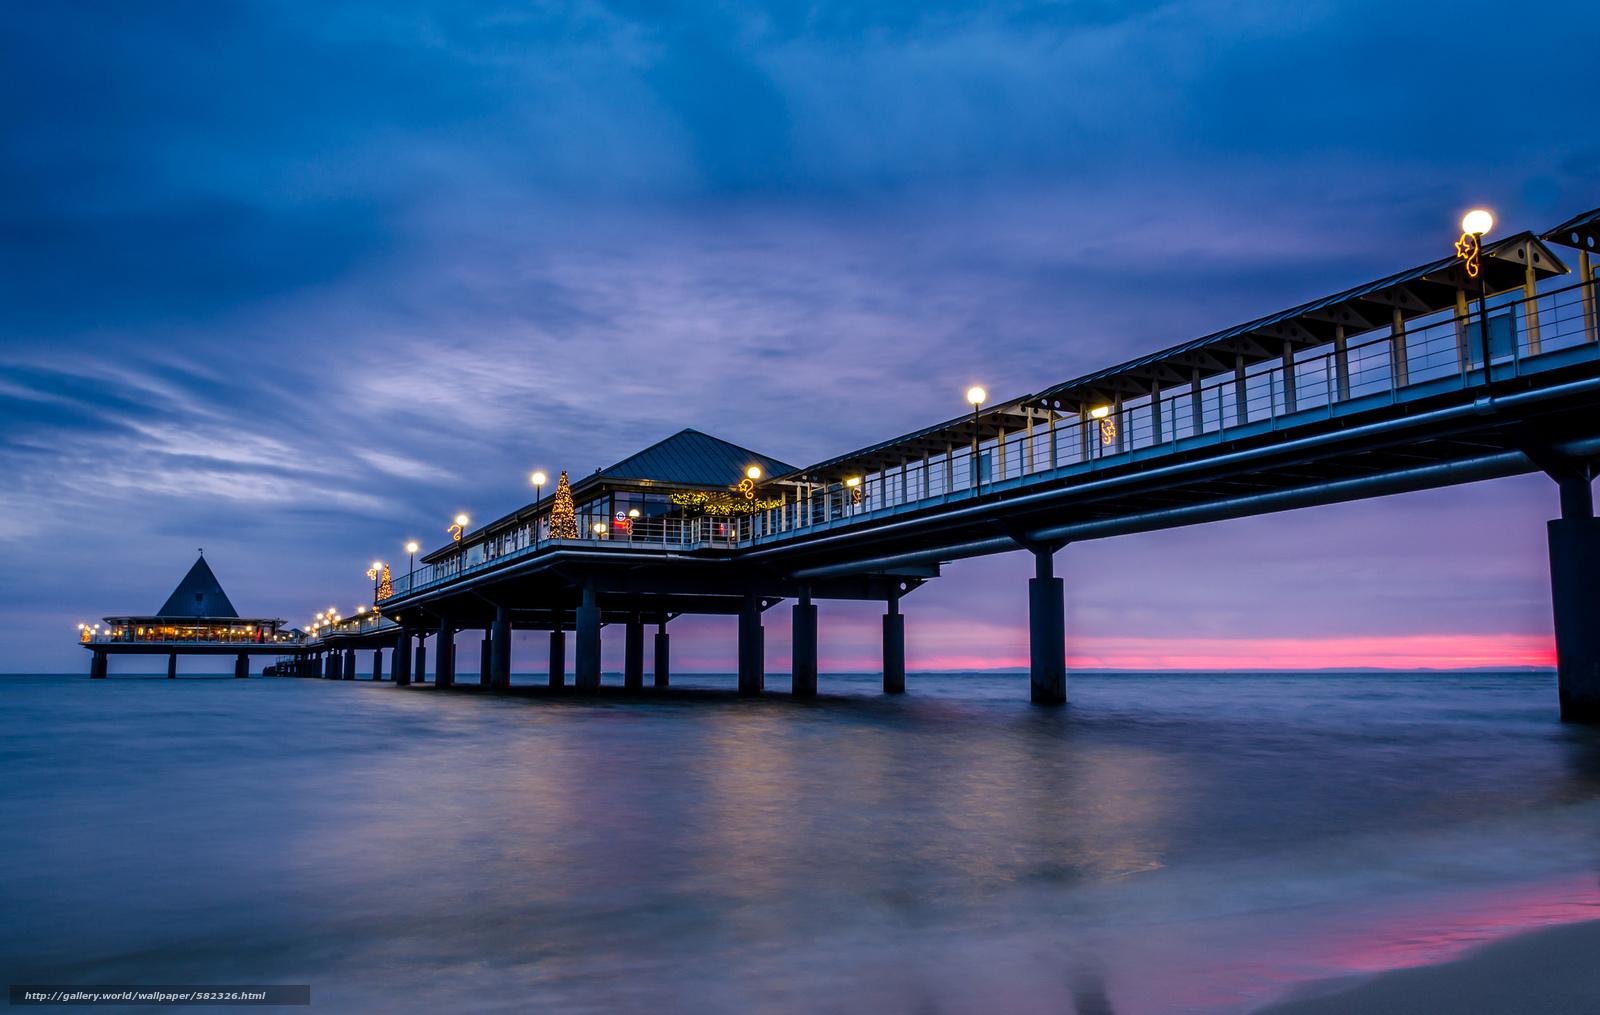 Скачать обои закат,  Море,  сиреневое,  мост бесплатно для рабочего стола в разрешении 2048x1299 — картинка №582326